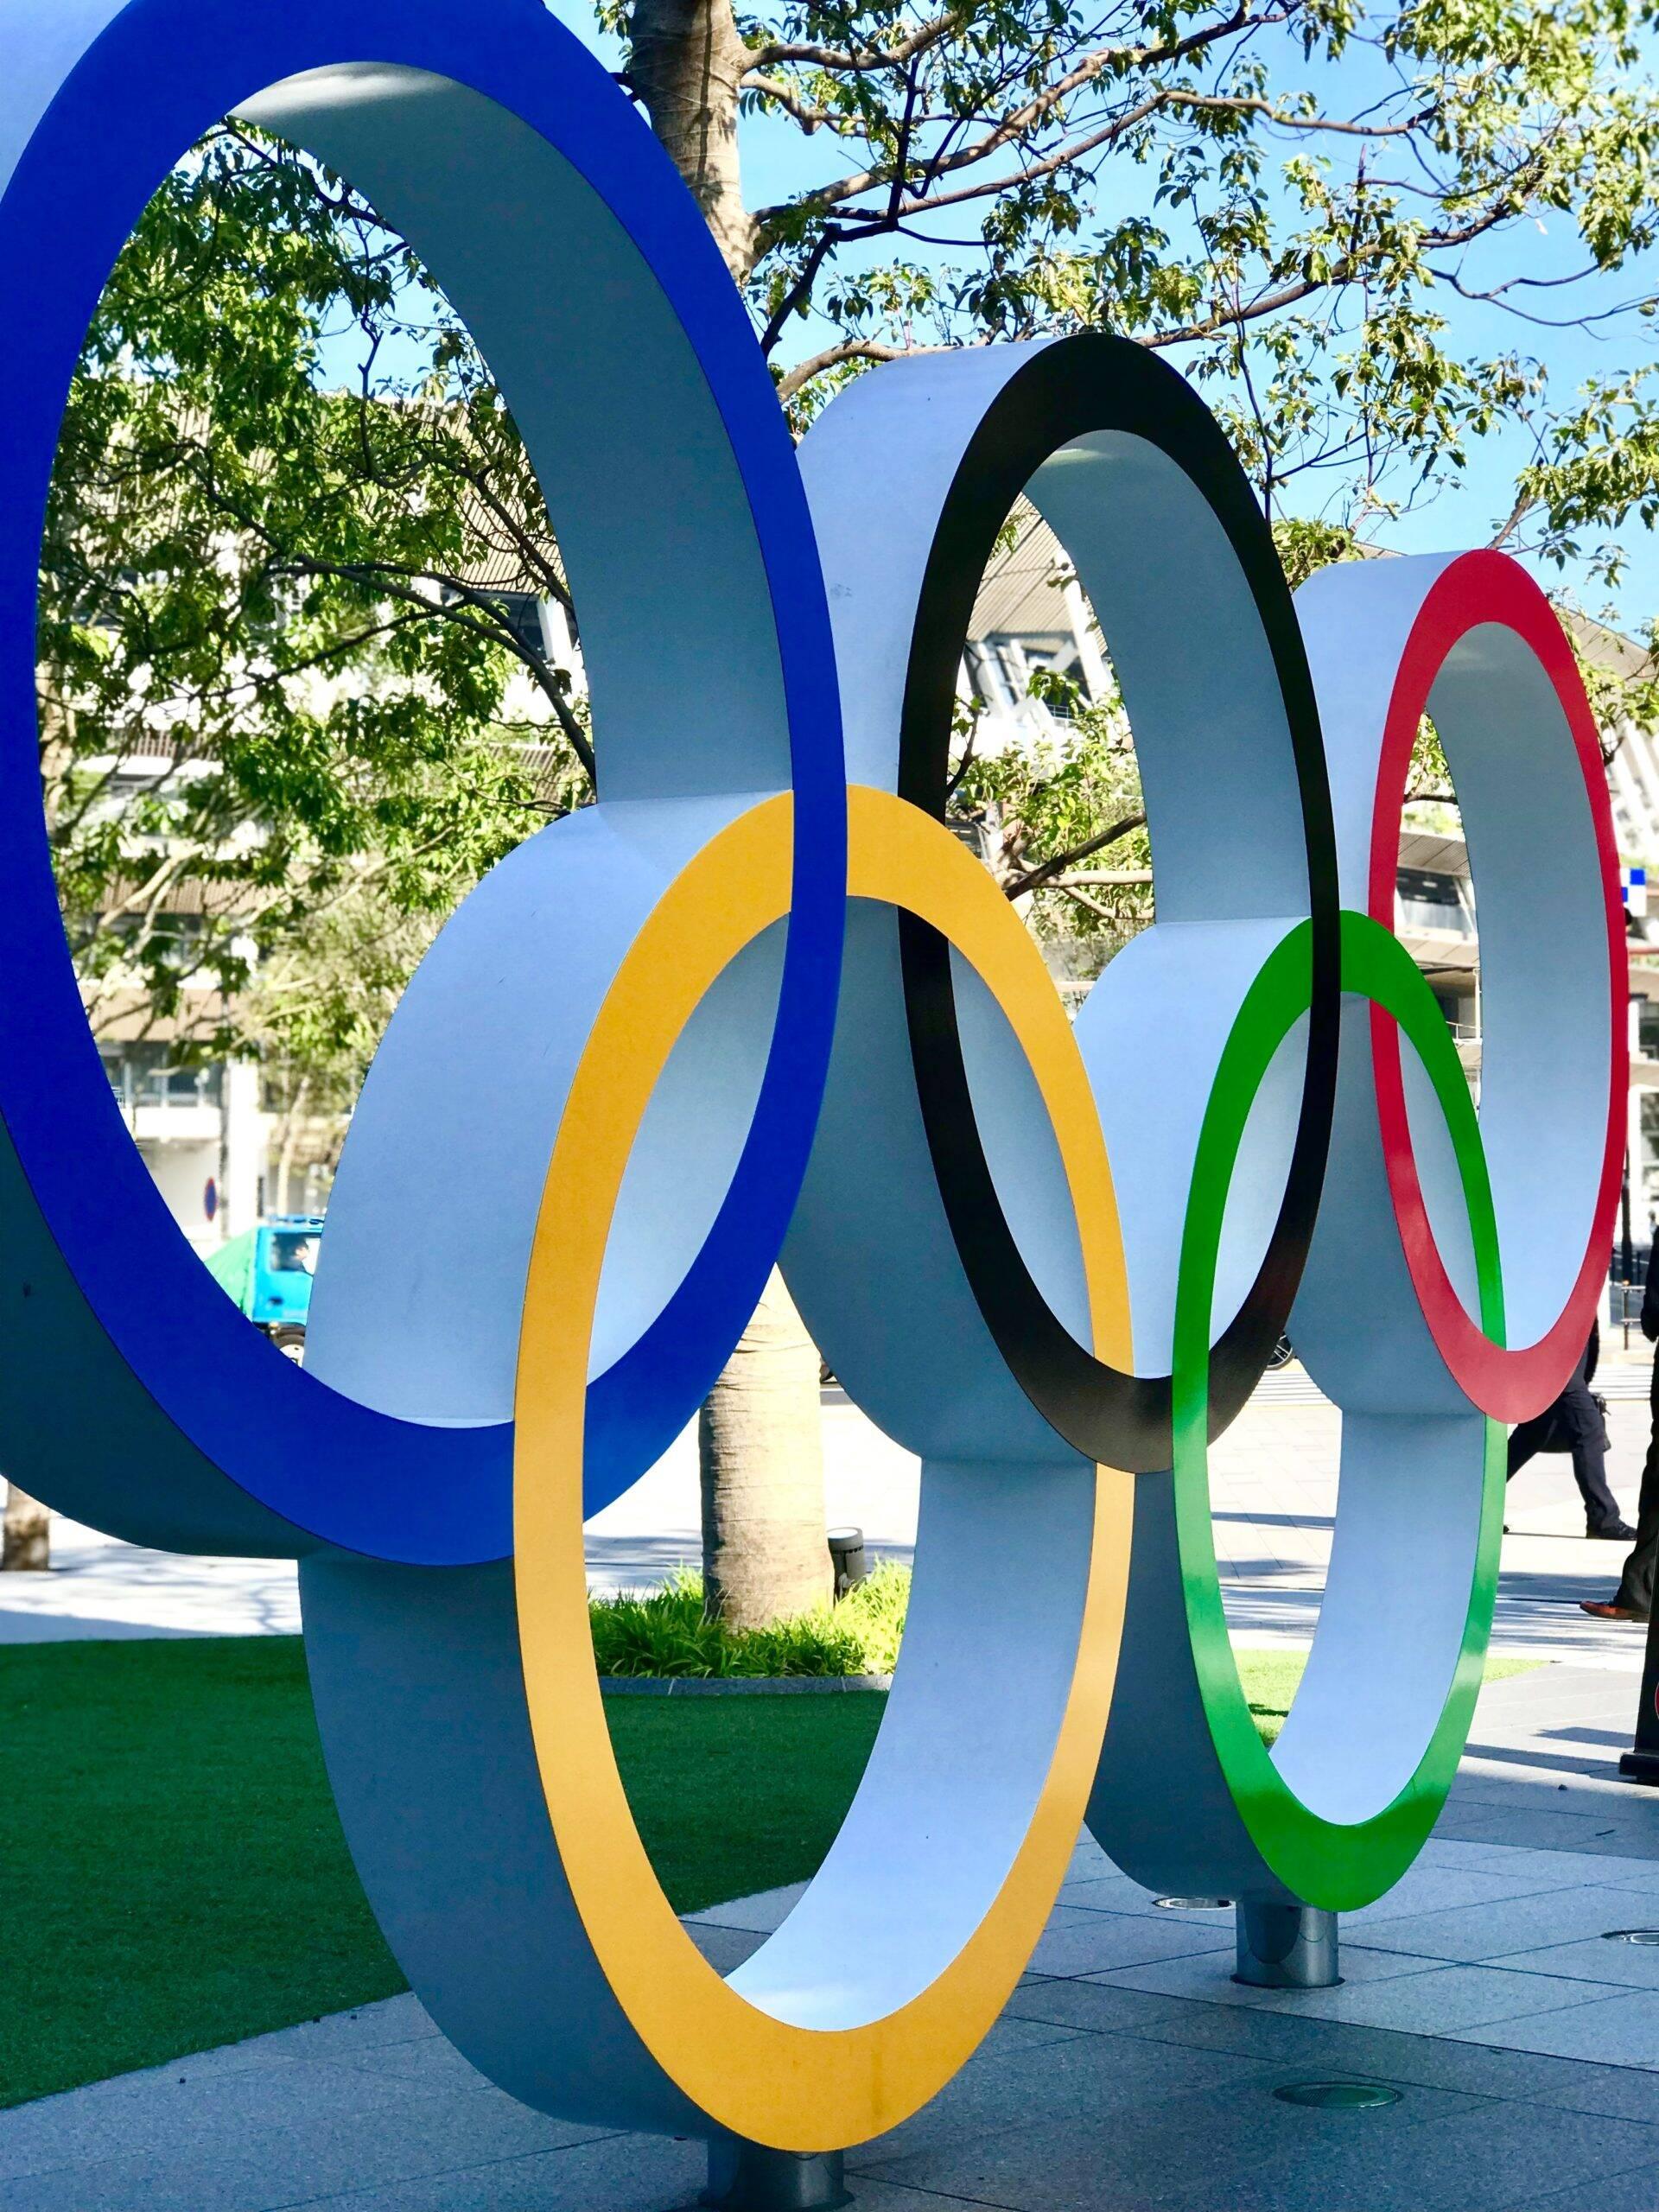 A segunda metades Olímpiadas de Tokyo 2020 (foto: Unsplash)